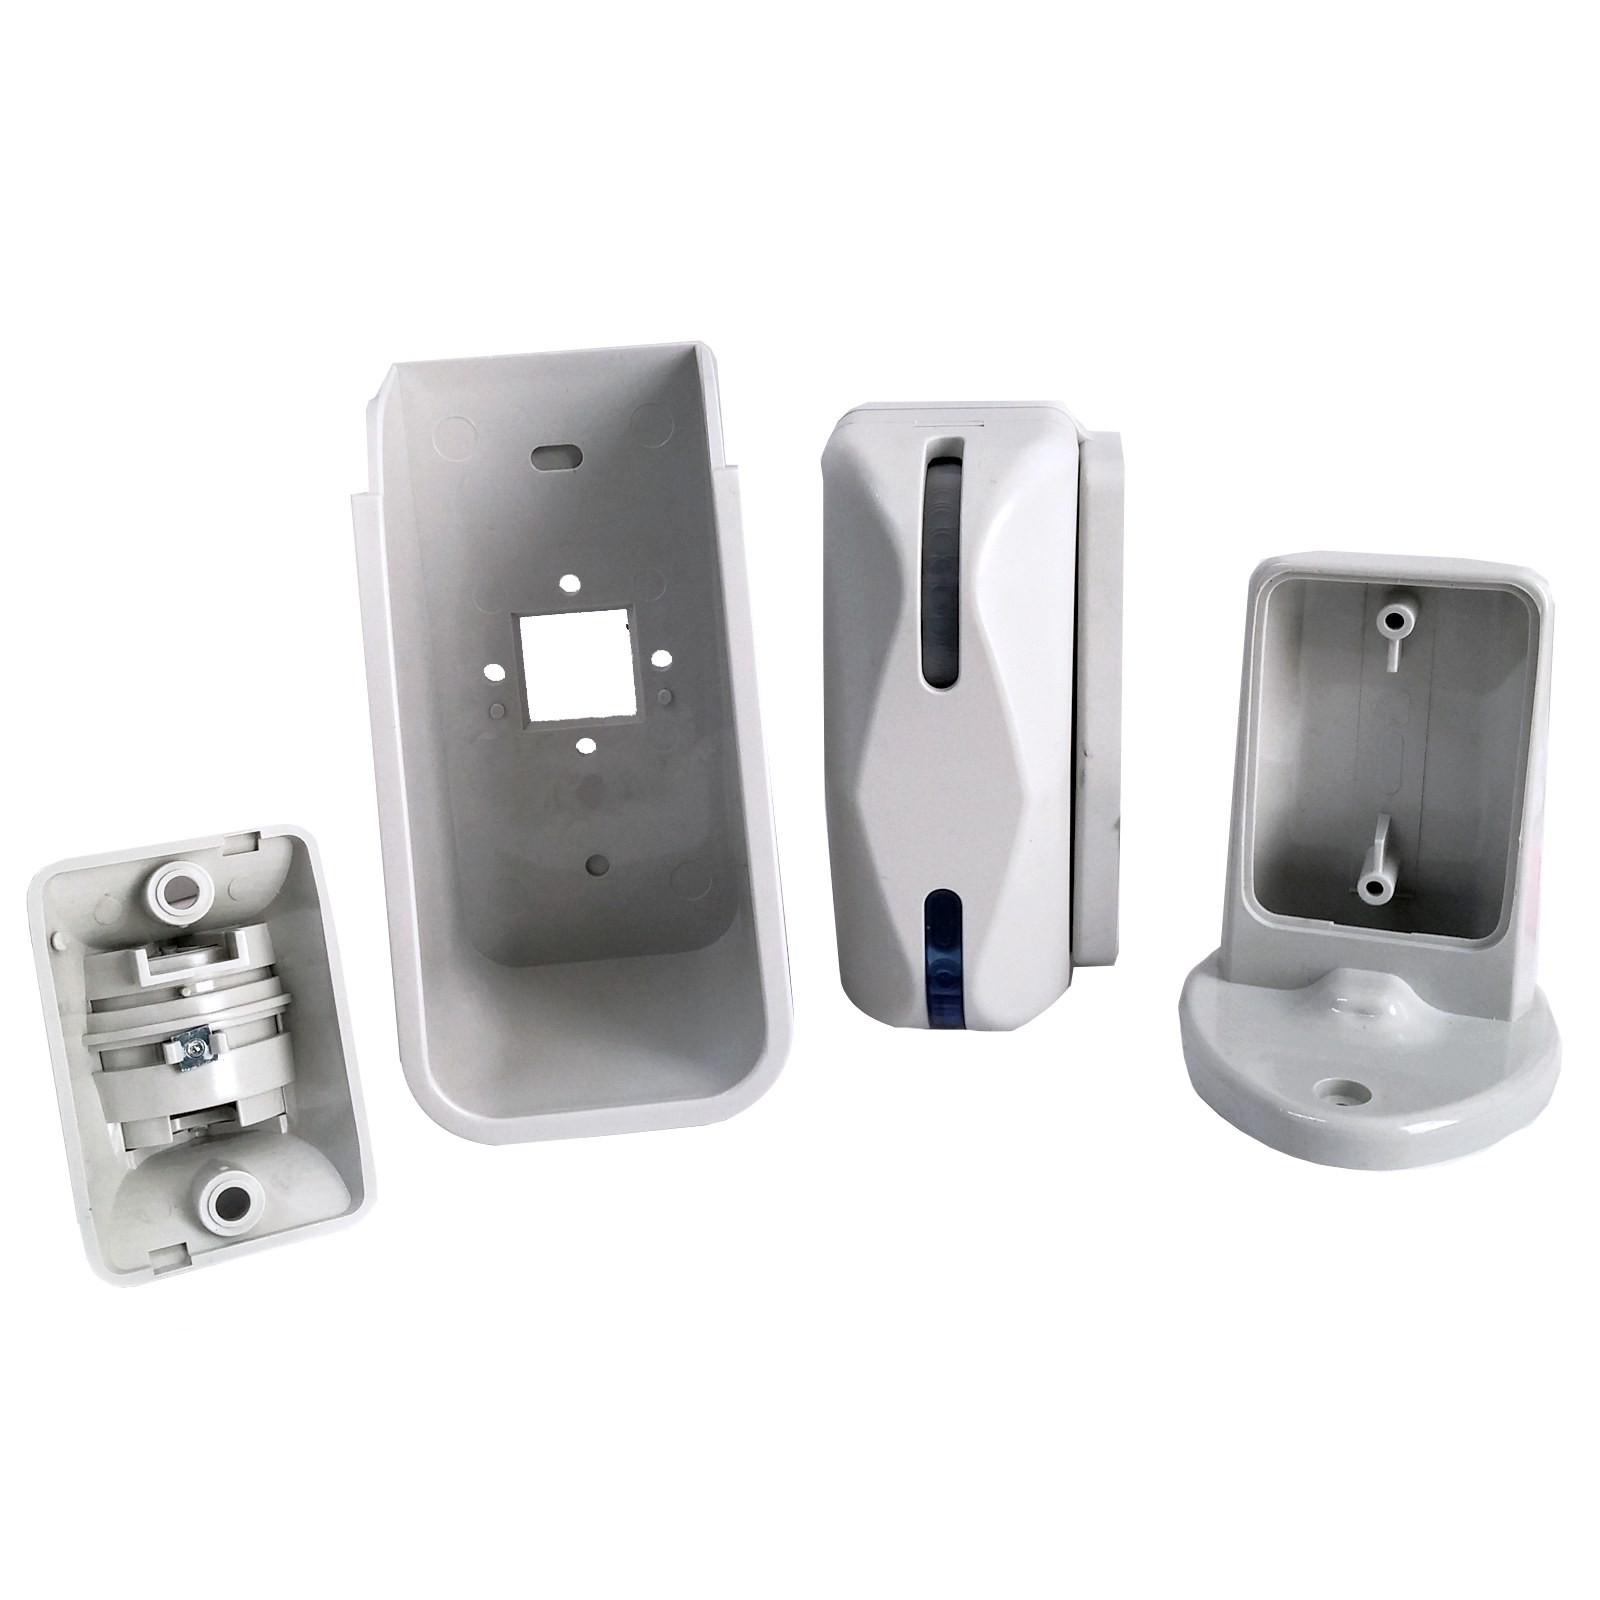 Sensore a tenda finestre per allarme antifurto porte aquarius doppia tecnologia area illumina - Antifurto porte e finestre ...